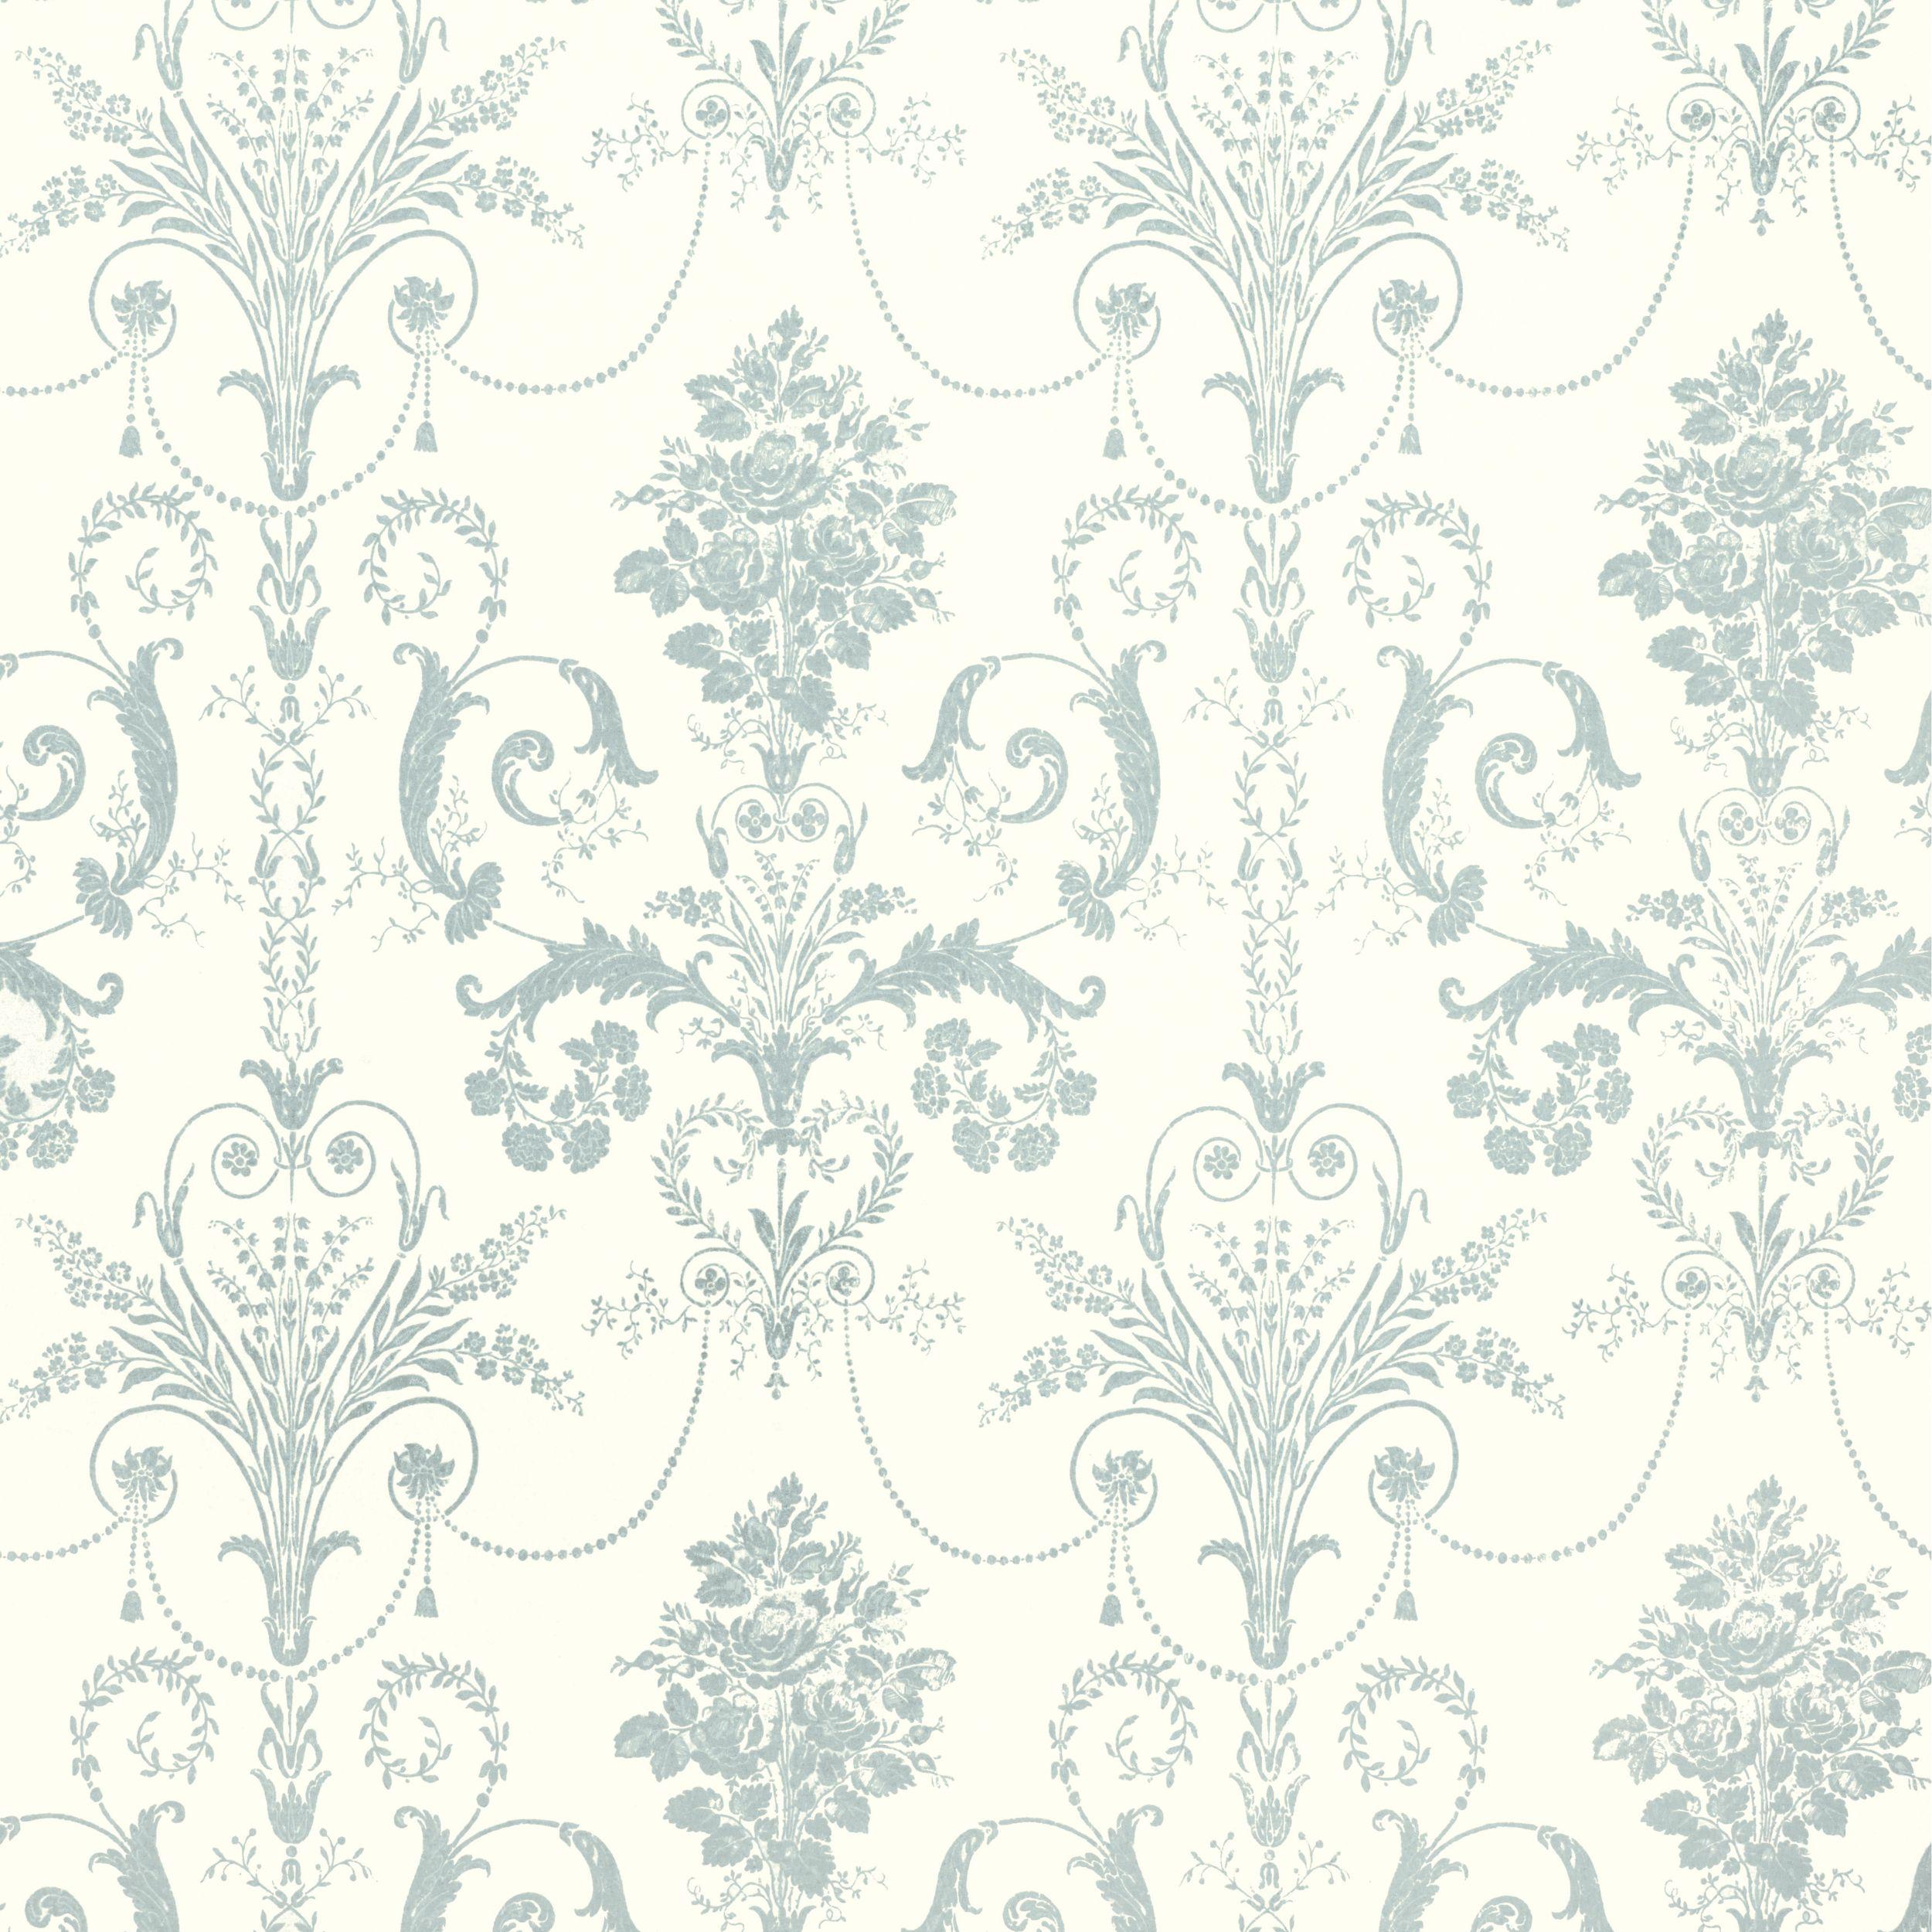 Good Wallpaper Grey Duck Egg Blue - 5472f76a301532809aa6315c0020d0d2  Picture_58212.jpg